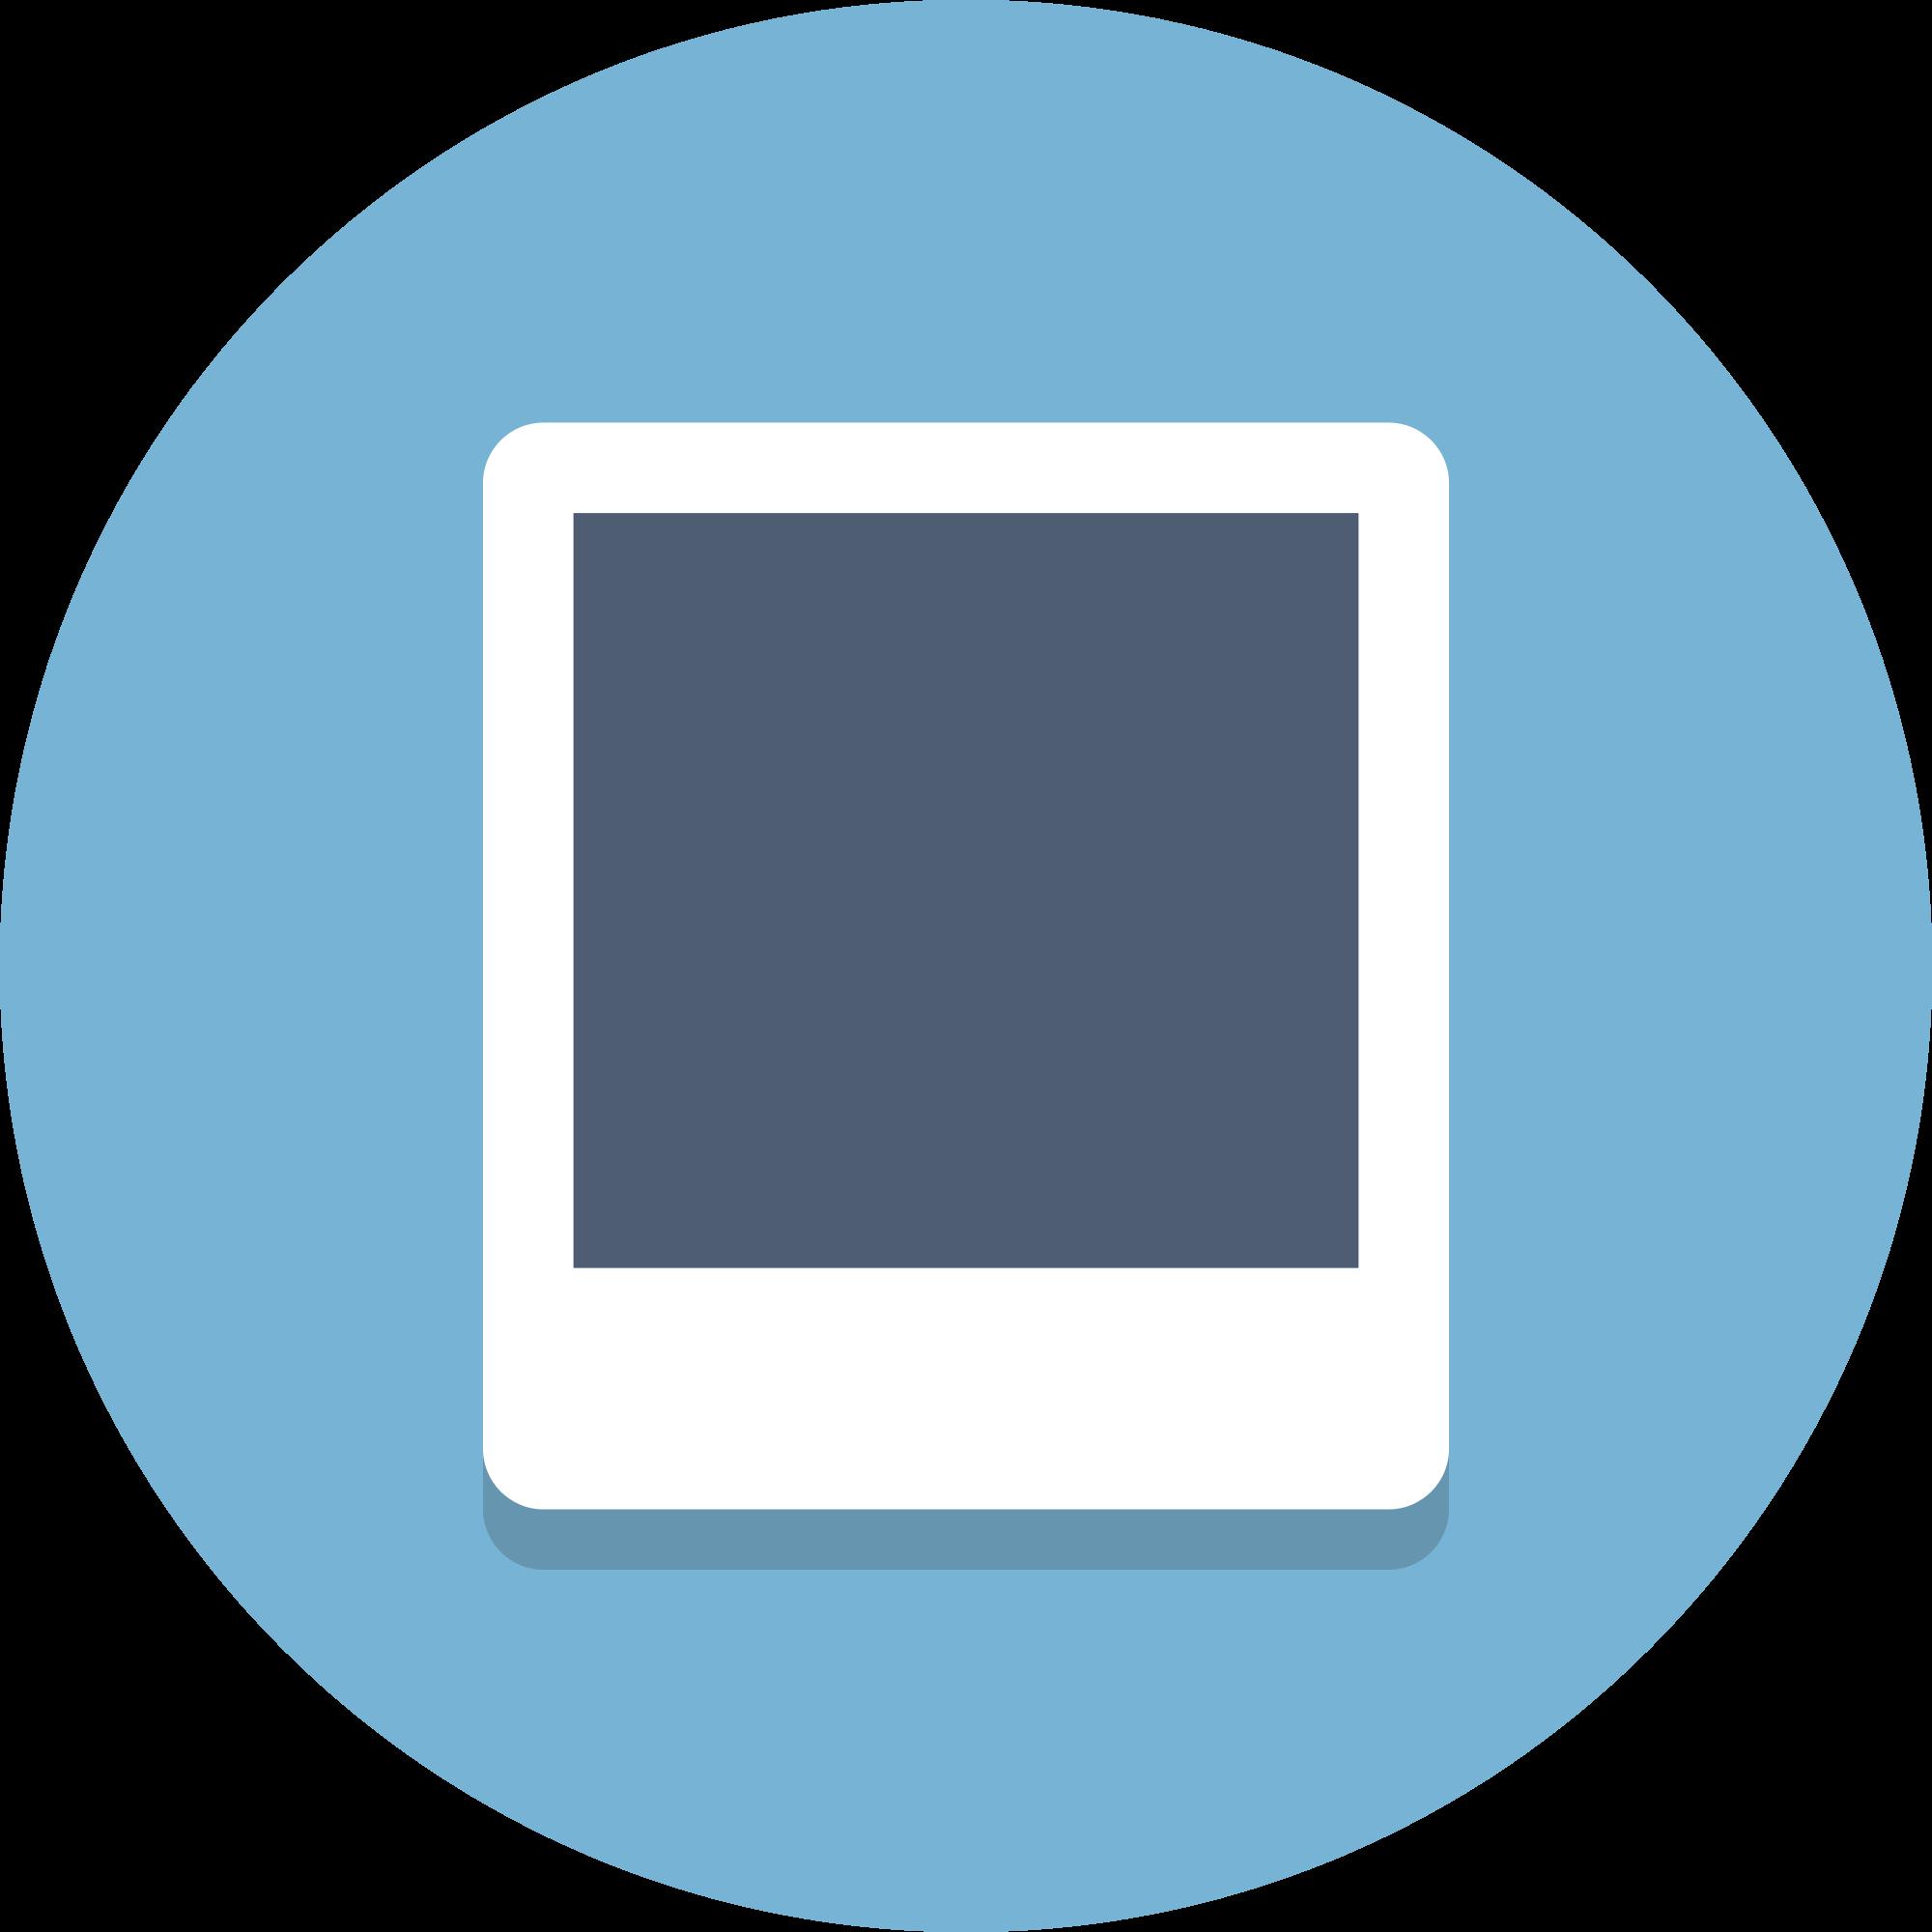 File circle icons svg. Polaroid vector png